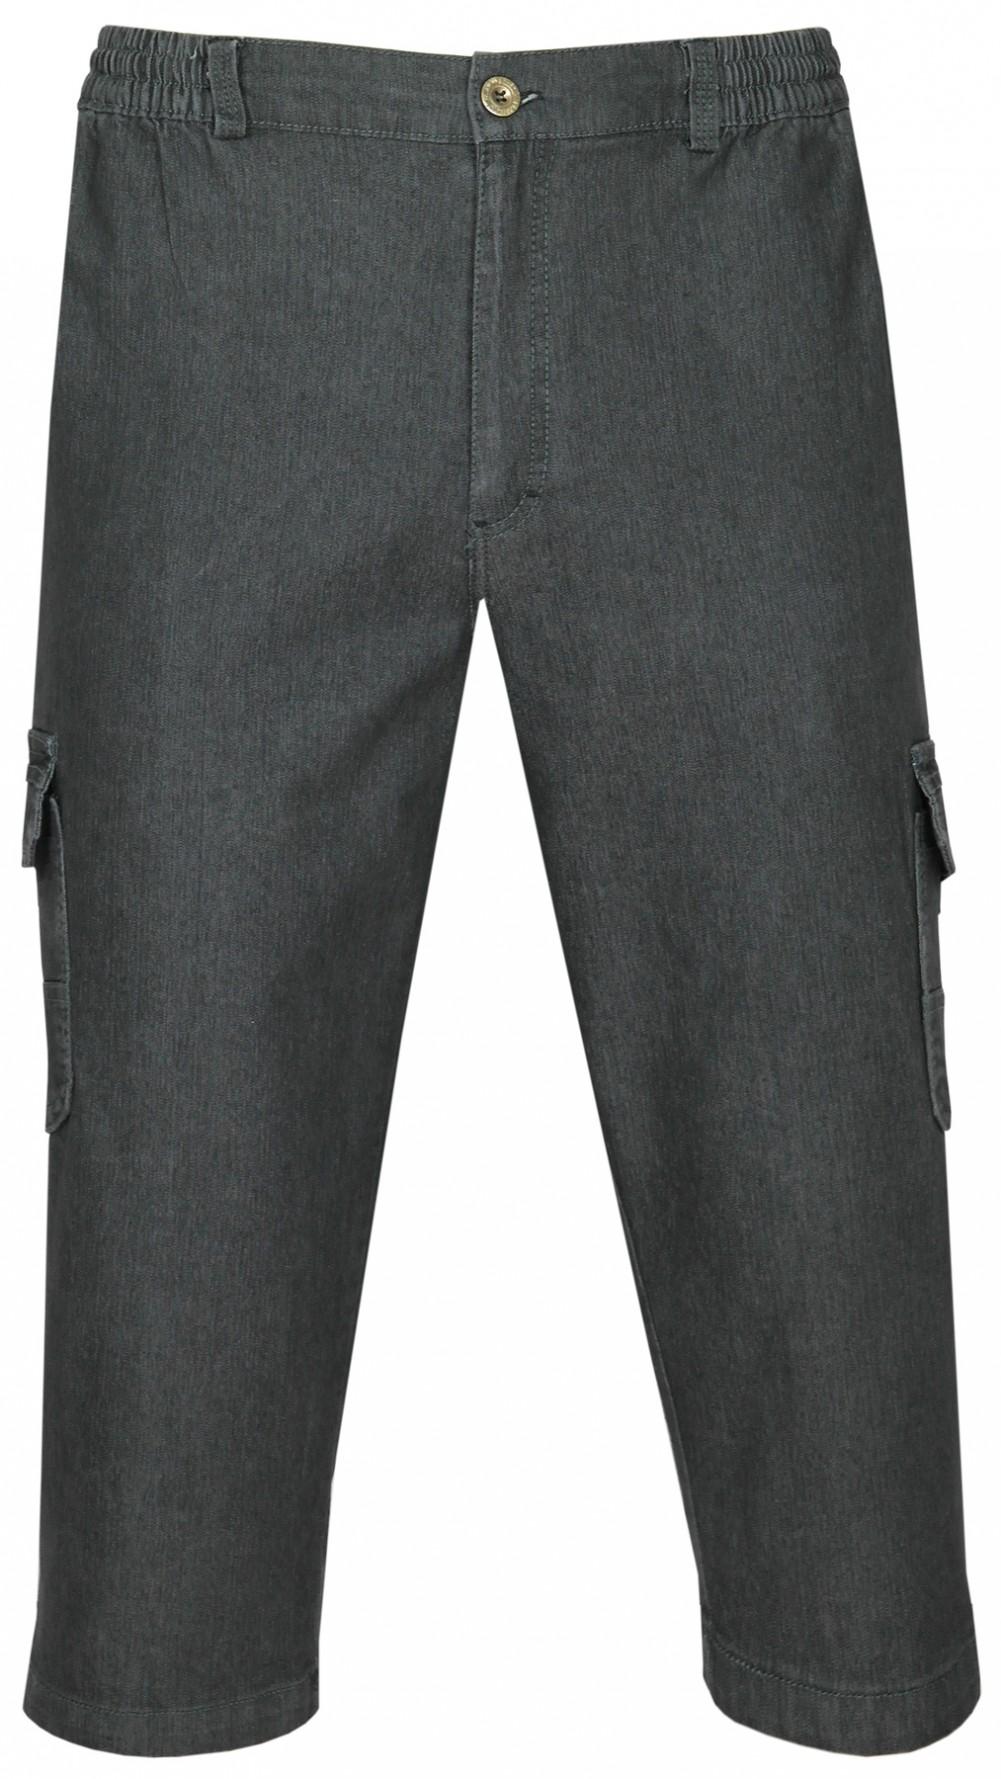 Herren Stretch Jeans Bermudas mit Dehnbund - Schwarz